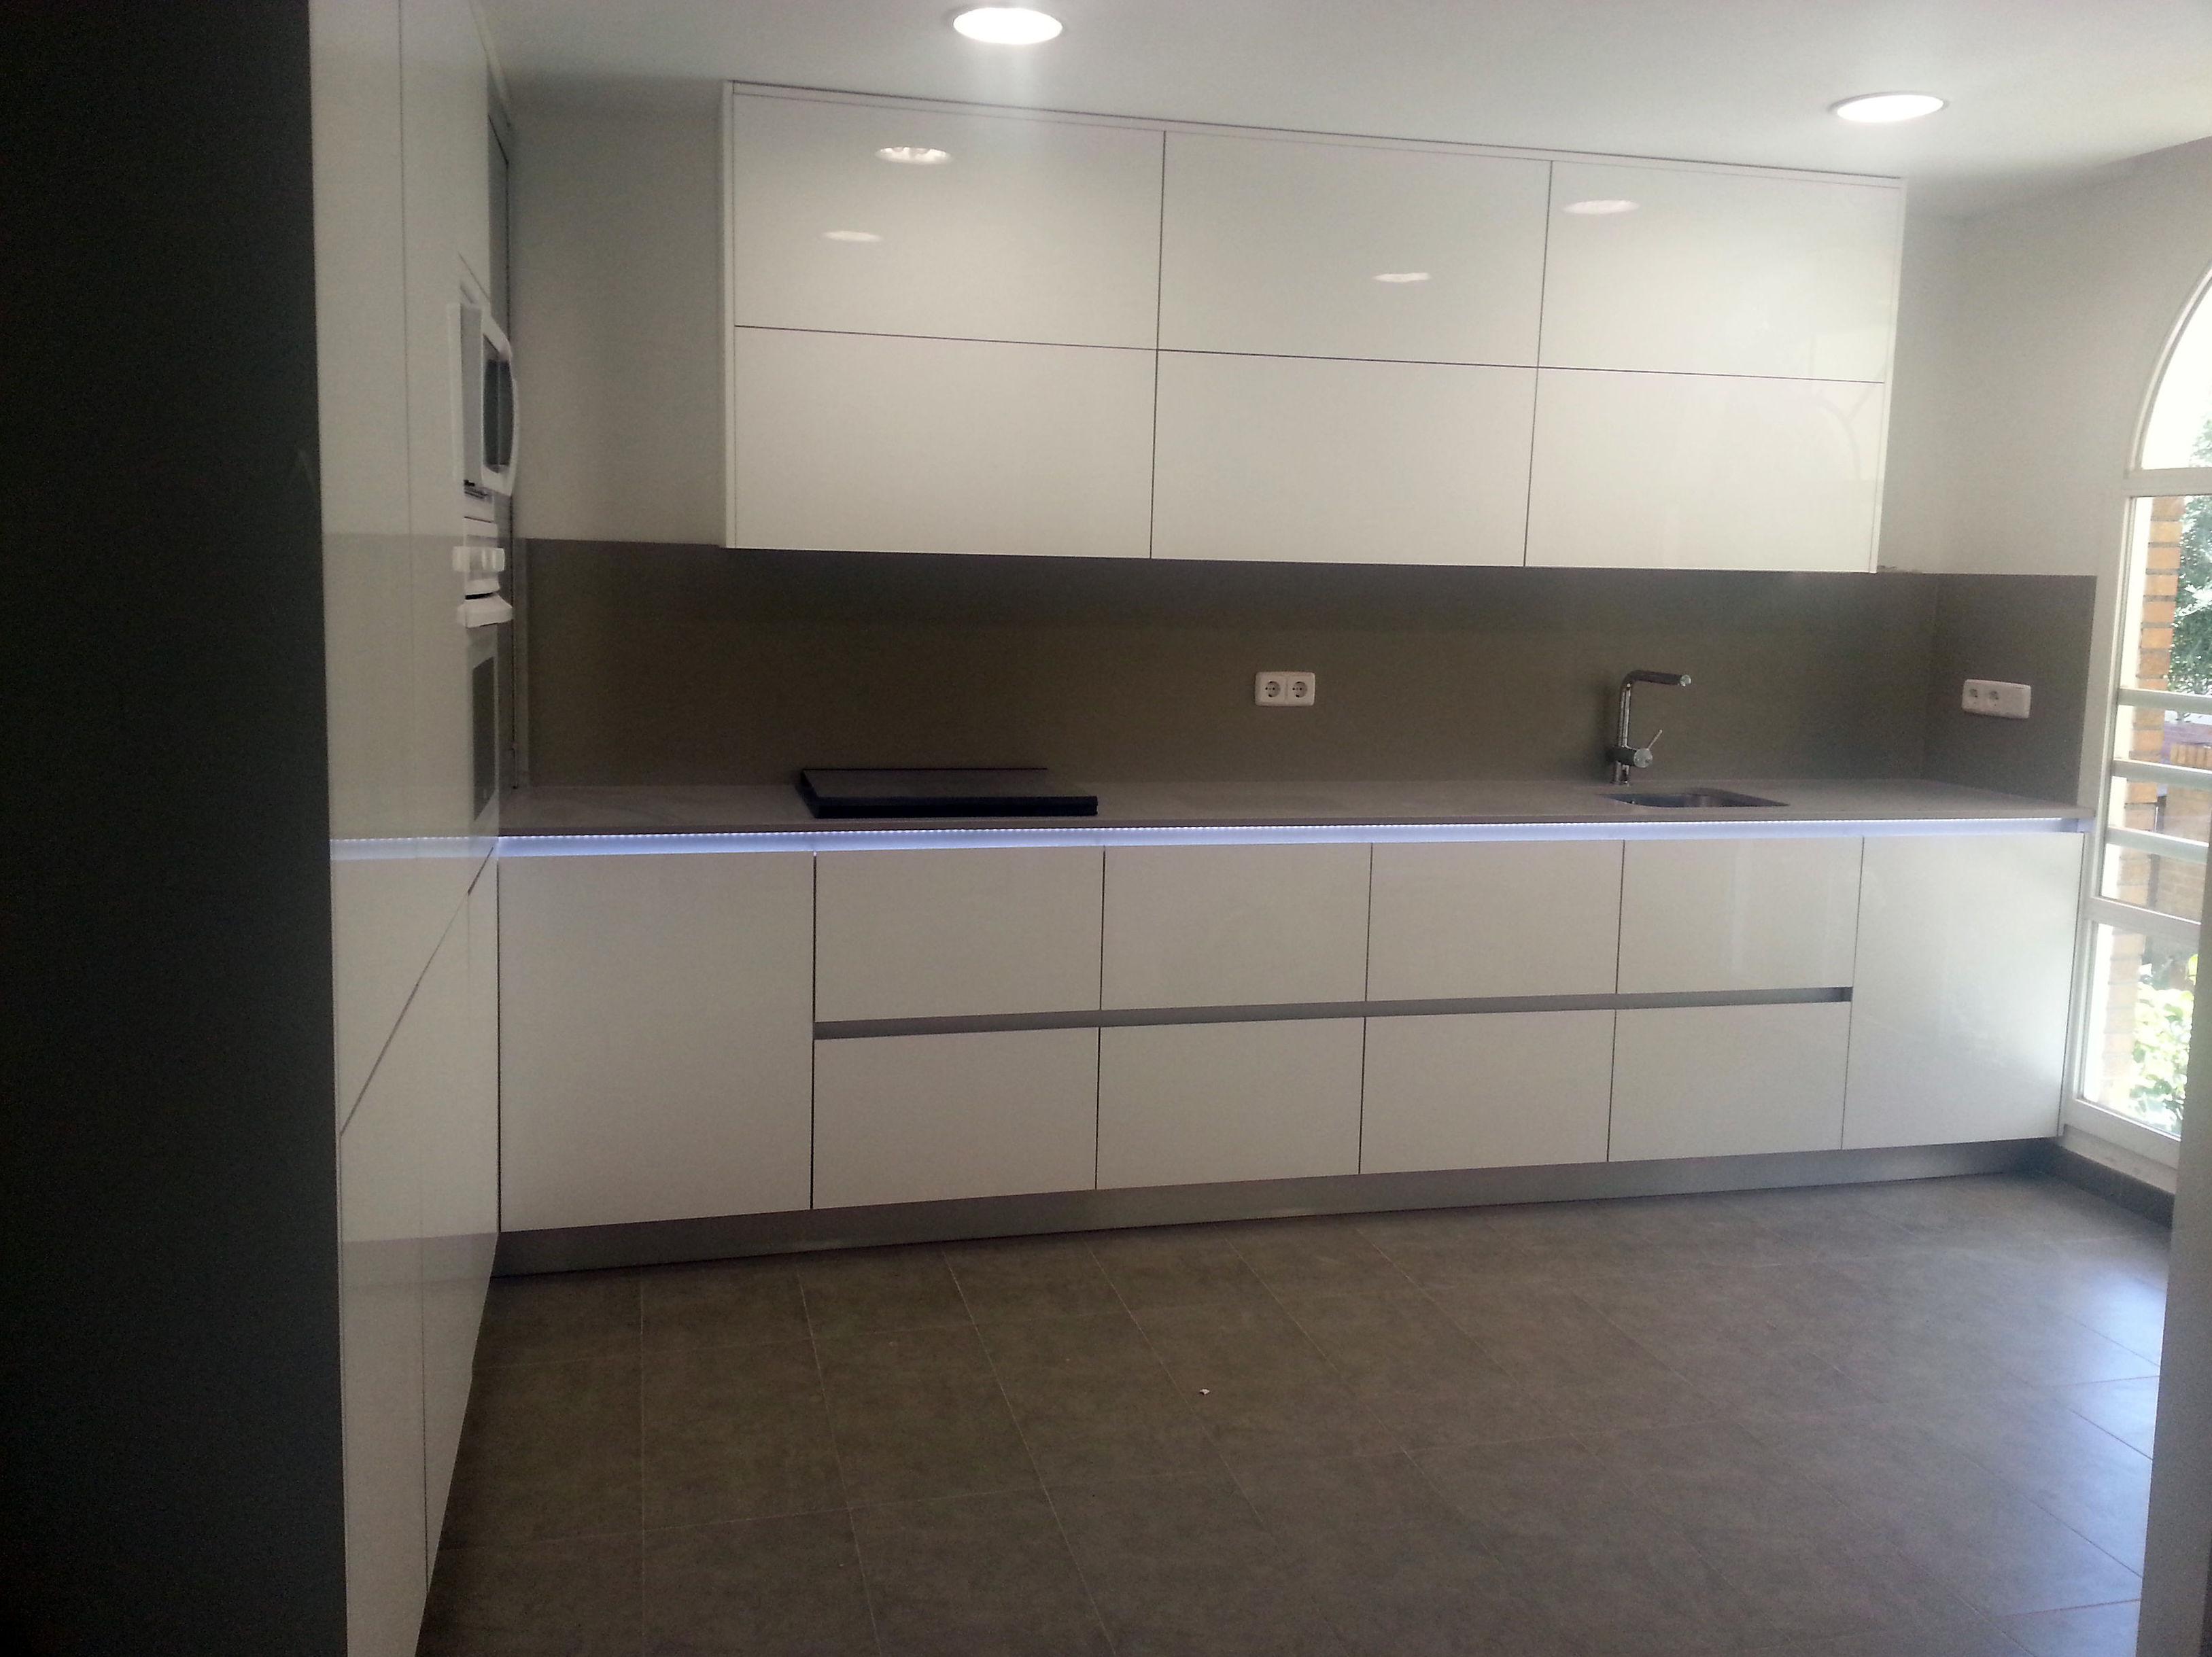 Foto 8 de muebles de ba o y cocina en madrid estudios y for Muebles de cocina modernos precios